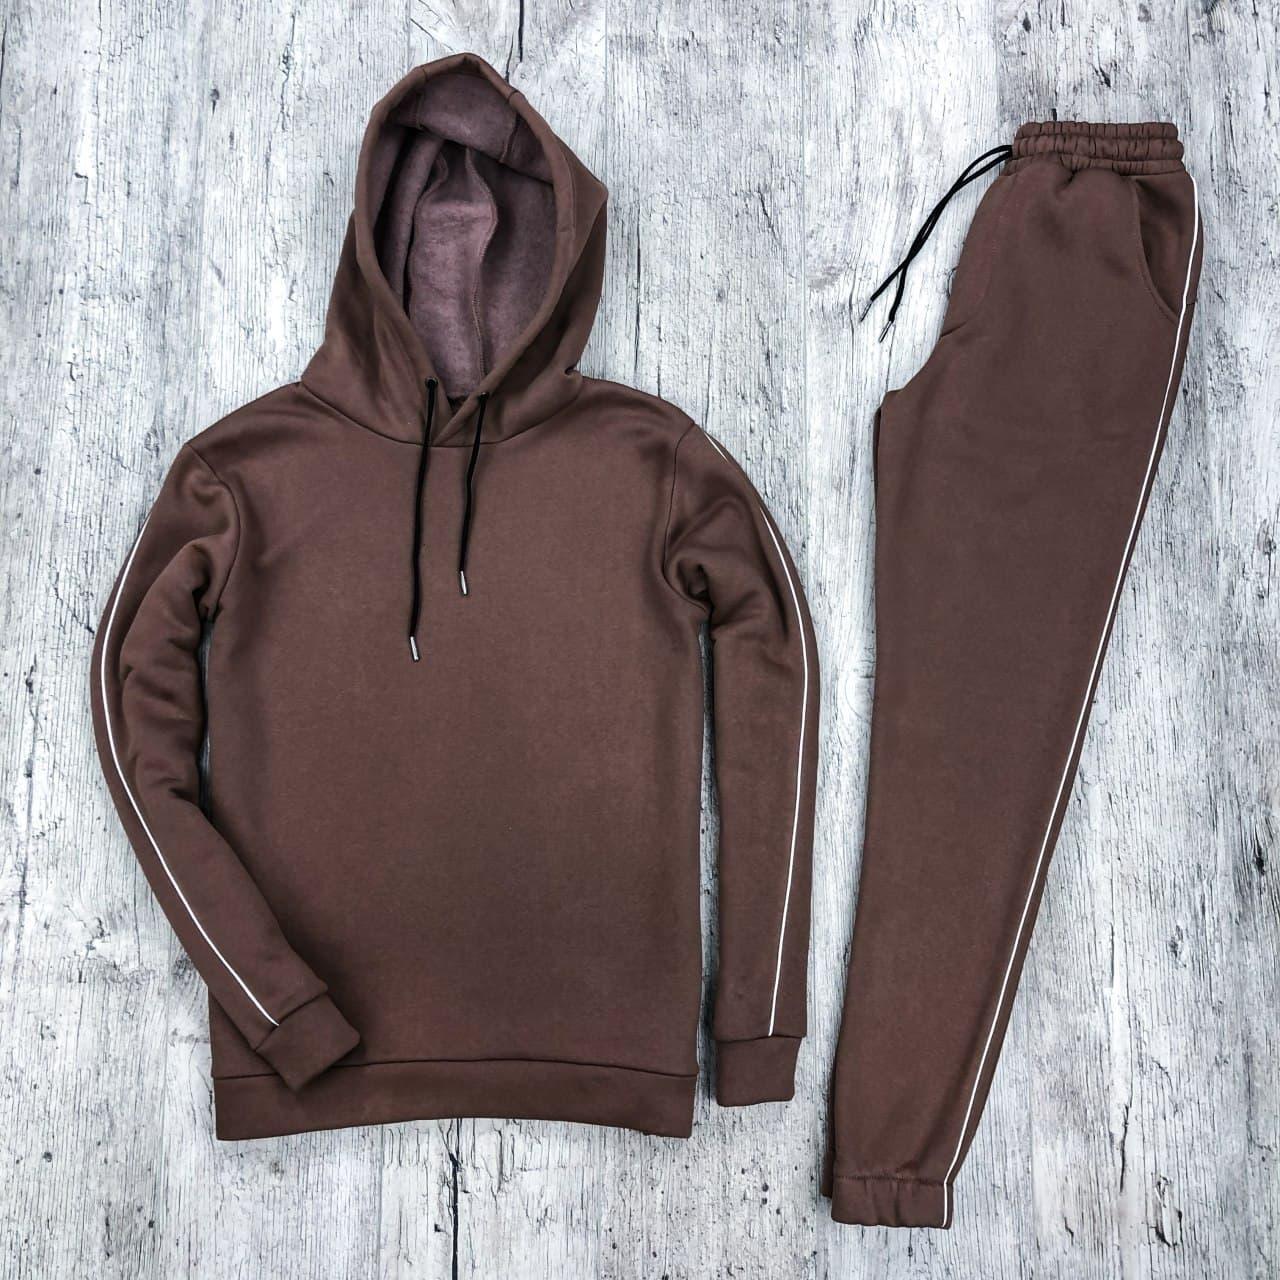 Костюм мужской спортивный теплый коричневый